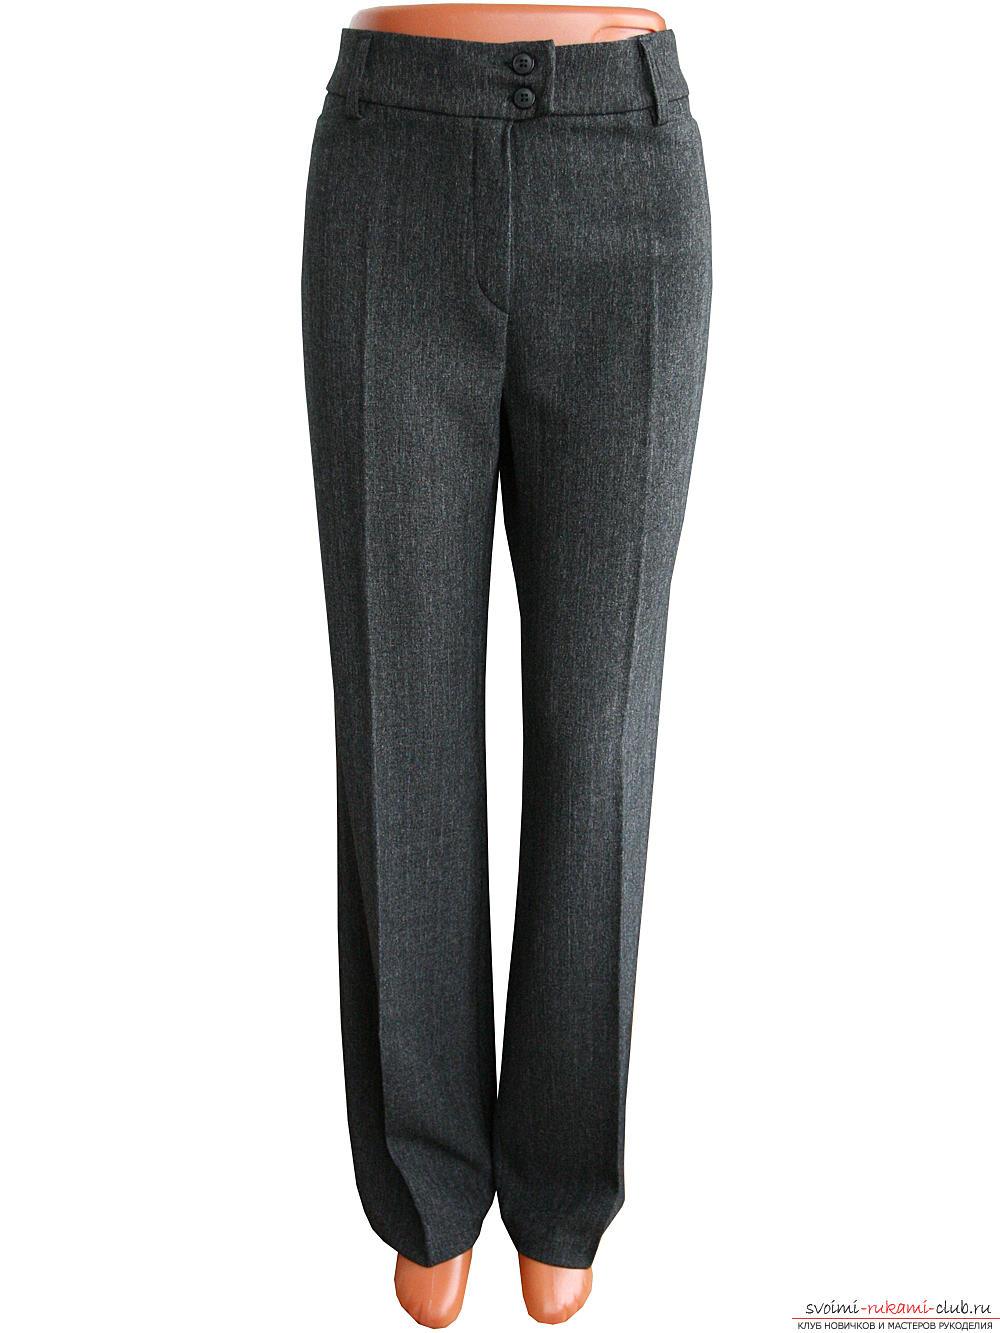 Инструкция по построению выкройки женских брюк классической модели поможет самостоятельно сделать чертеж